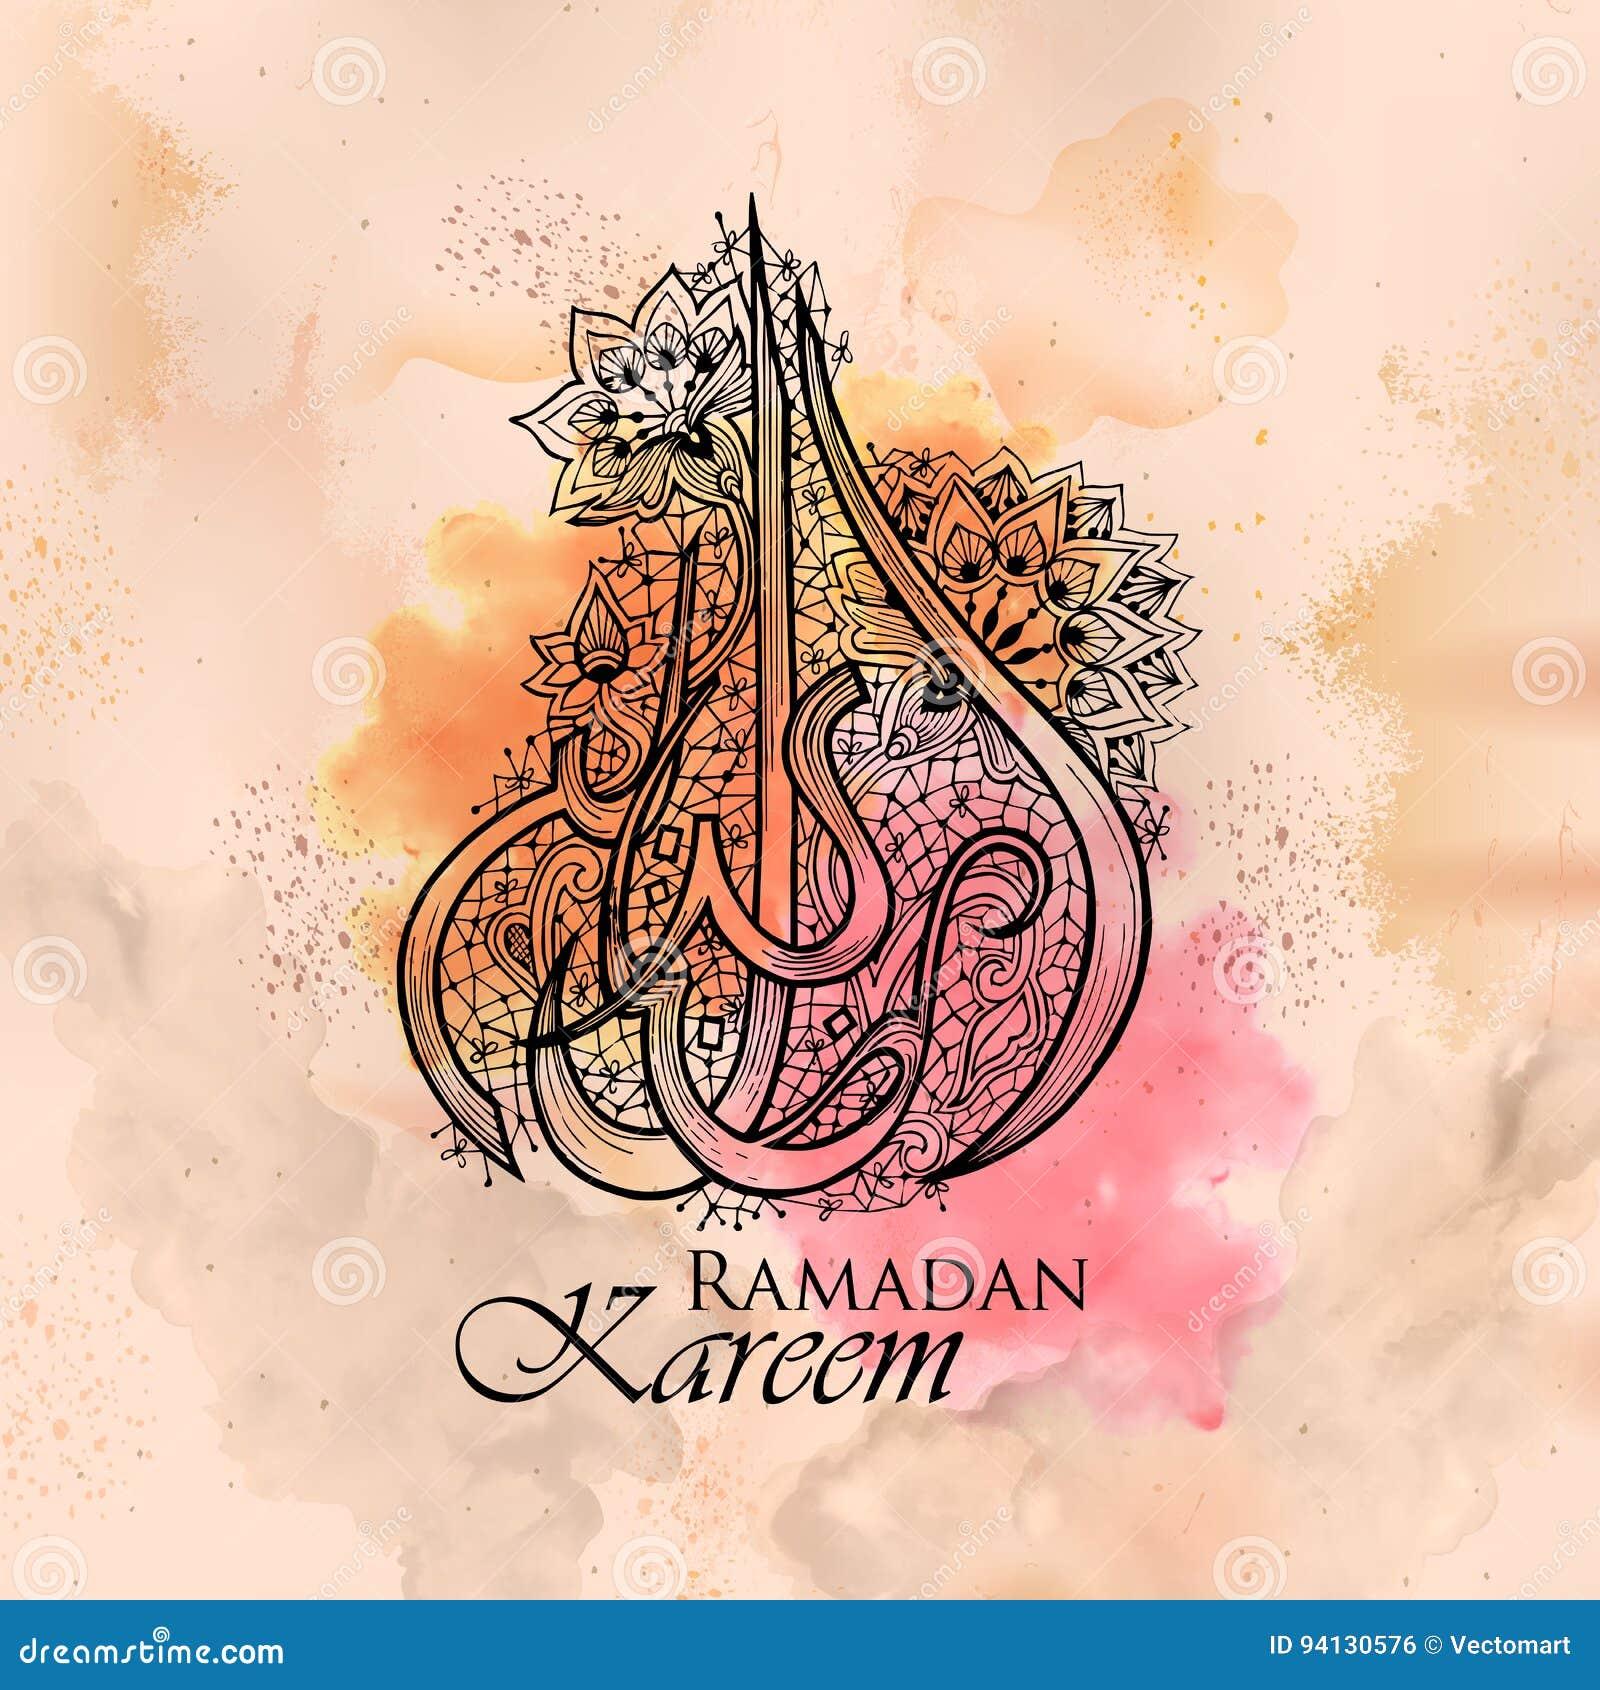 Ramadan kareem generous ramadan greetings in arabic freehand download ramadan kareem generous ramadan greetings in arabic freehand calligraphy stock vector illustration of muslim m4hsunfo